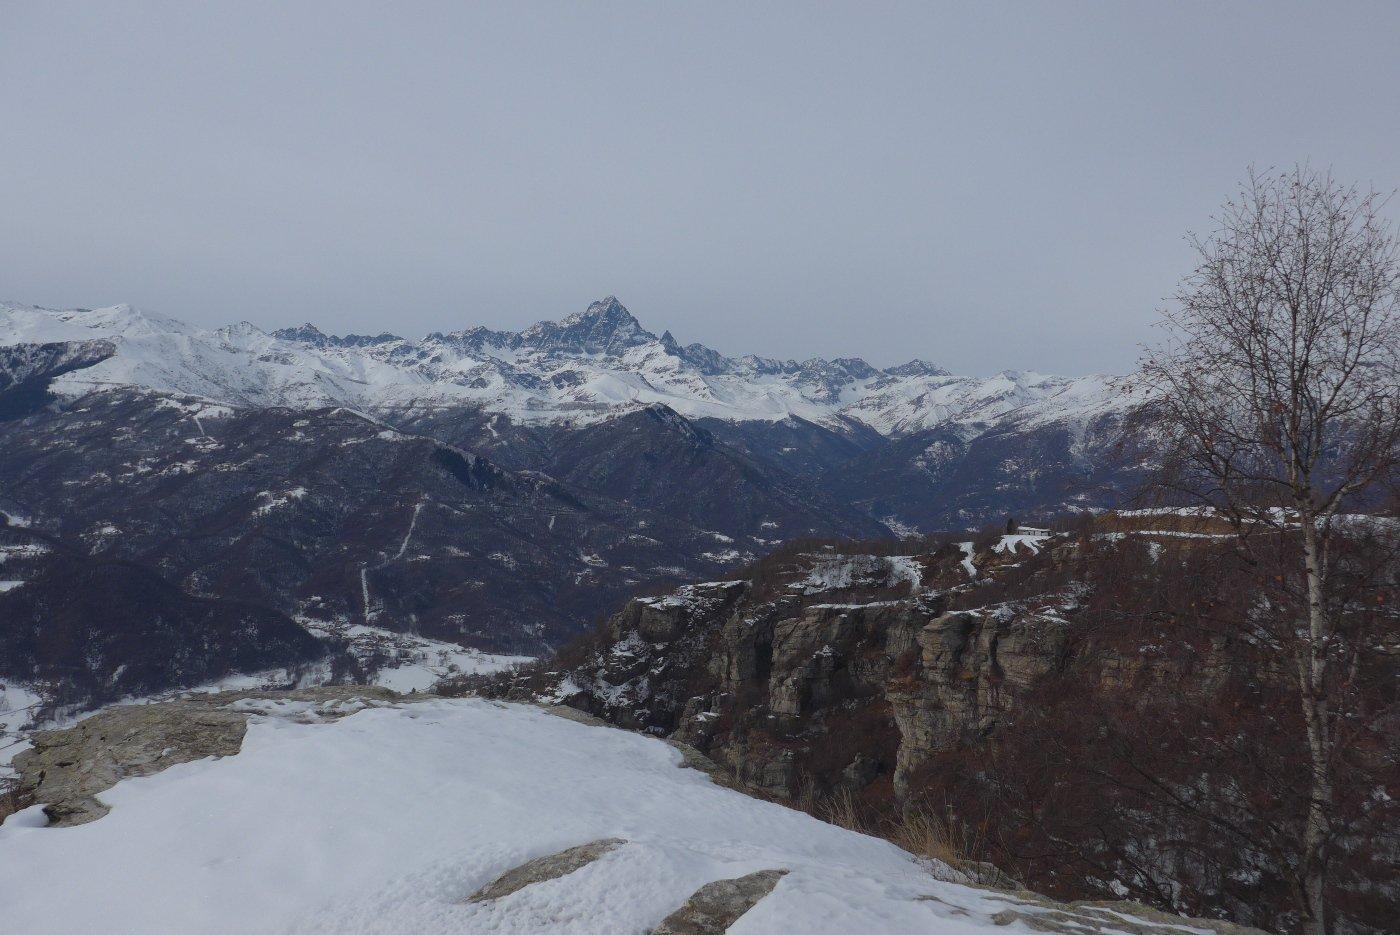 Dalla Croce panorama sul Monviso